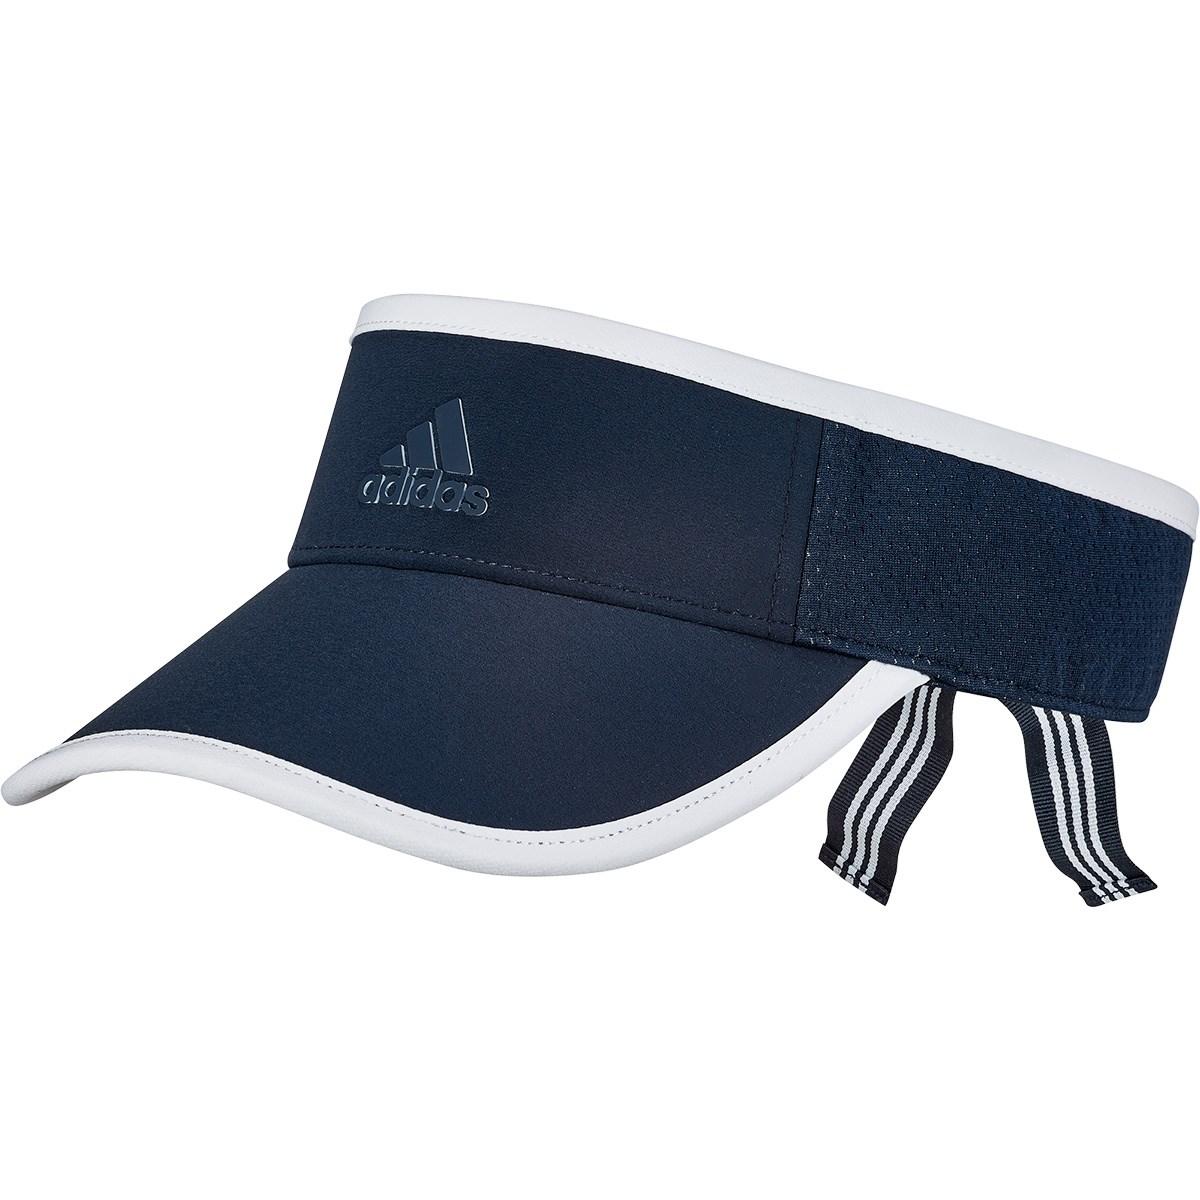 アディダス Adidas HEATREADY UVサンバイザー OSFW カレッジネイビー レディス